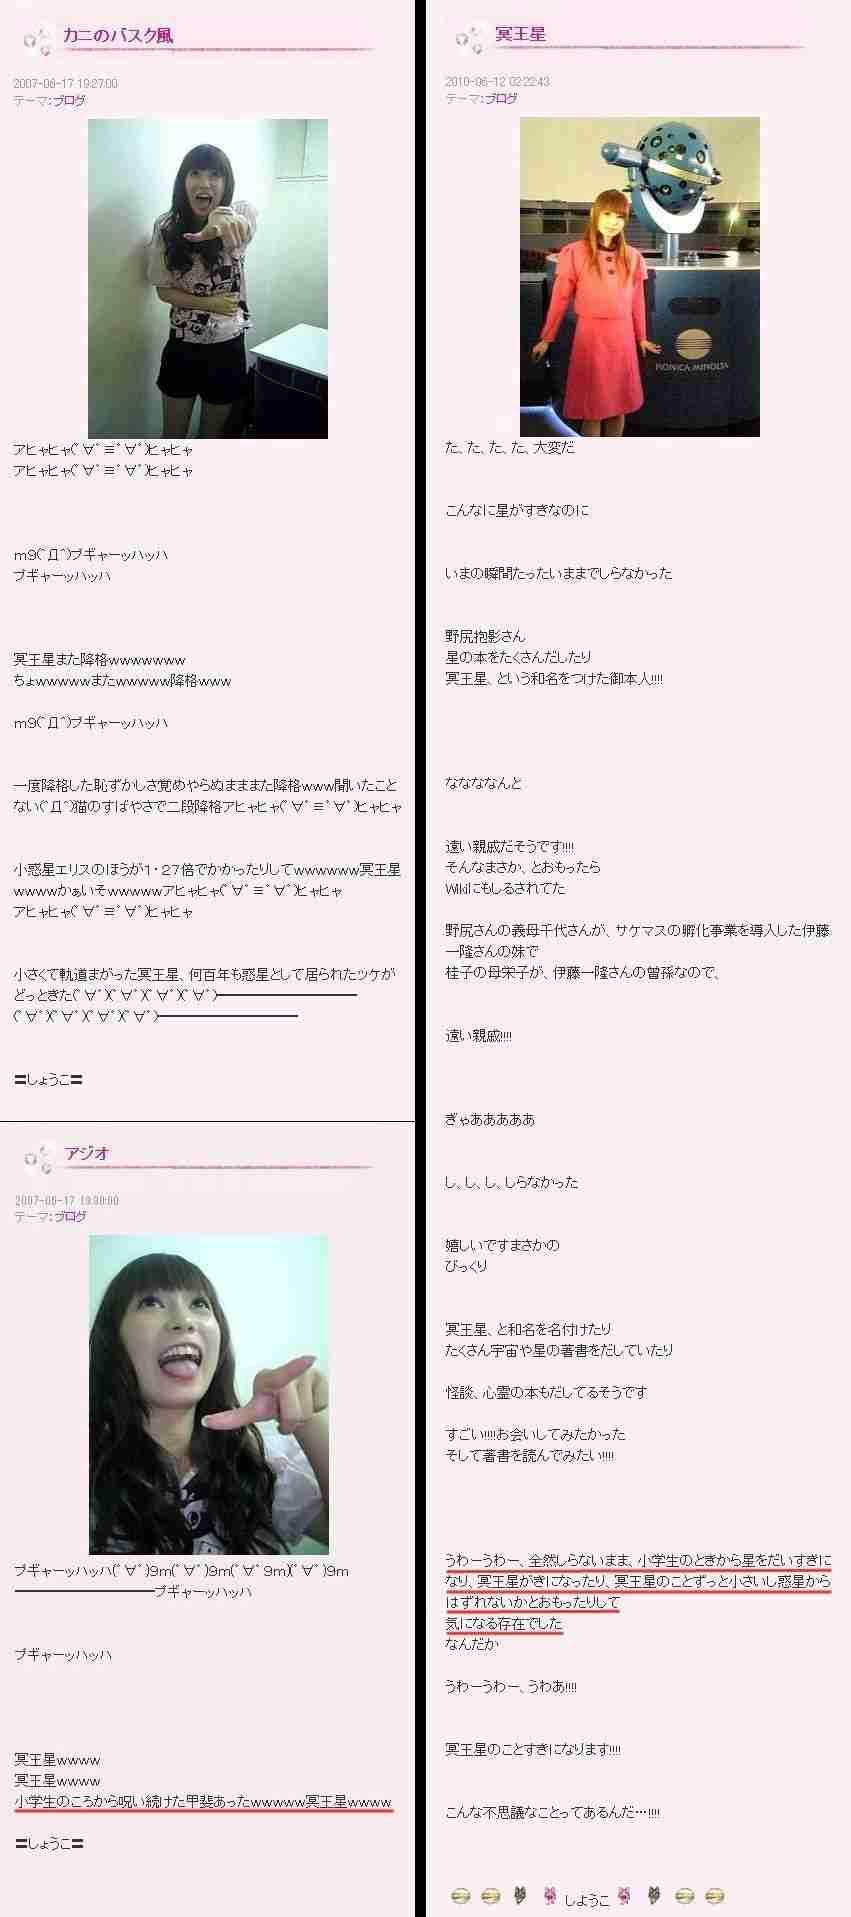 「絶対しない男の人と結婚したい!」中川翔子「不倫スカウター発明されて」願望明かす